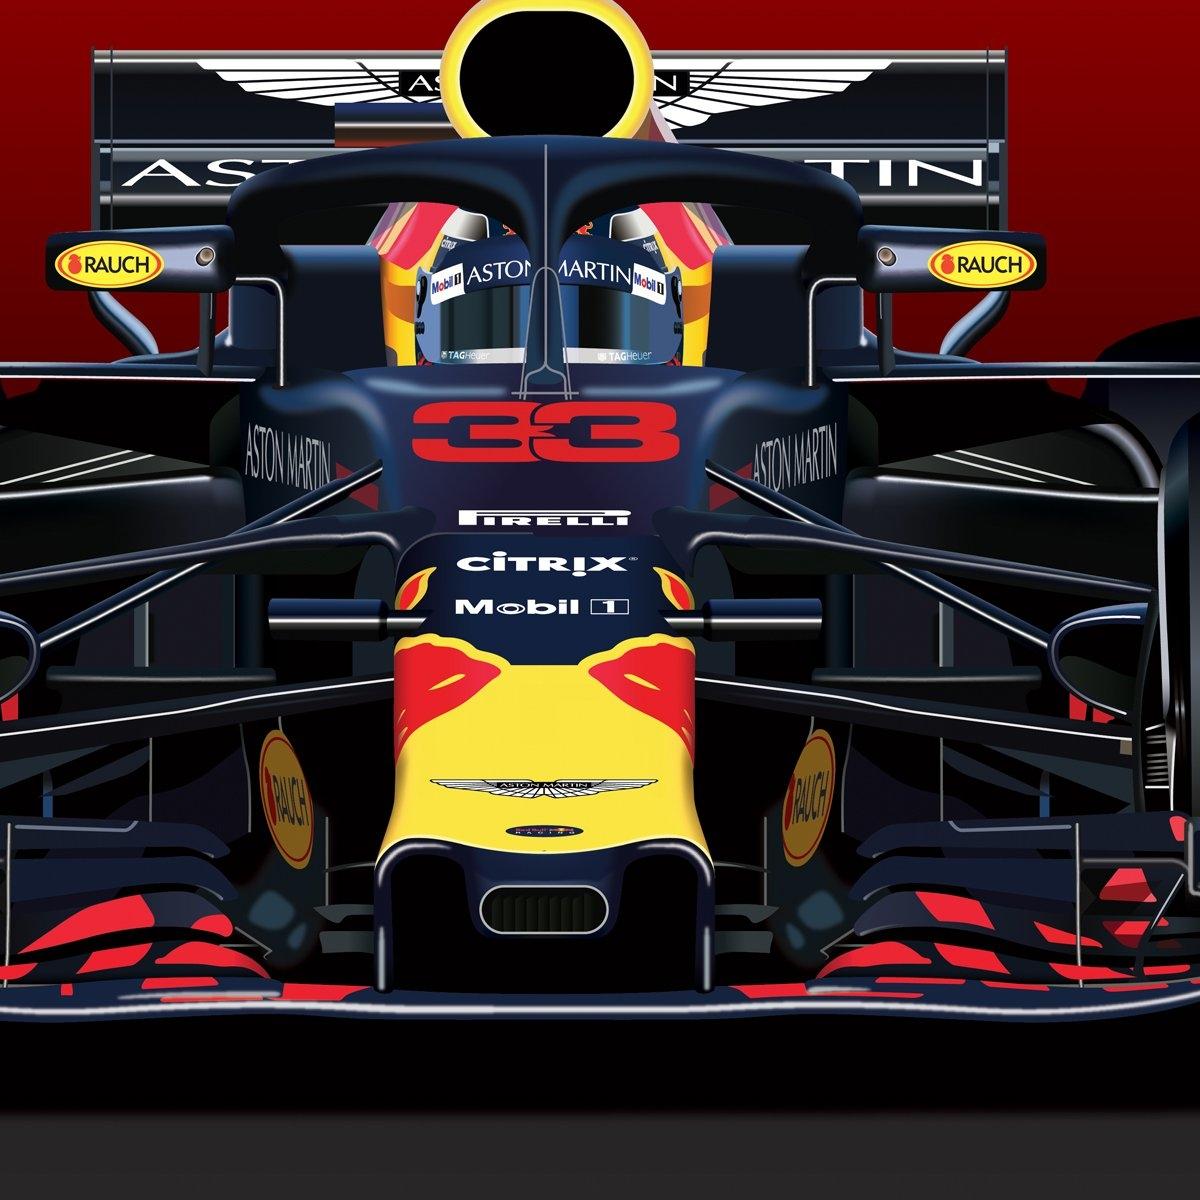 Formula 1 2019 Poster Calendar – Max Verstappen – The Gpbox Formula 1 Calendar 2019